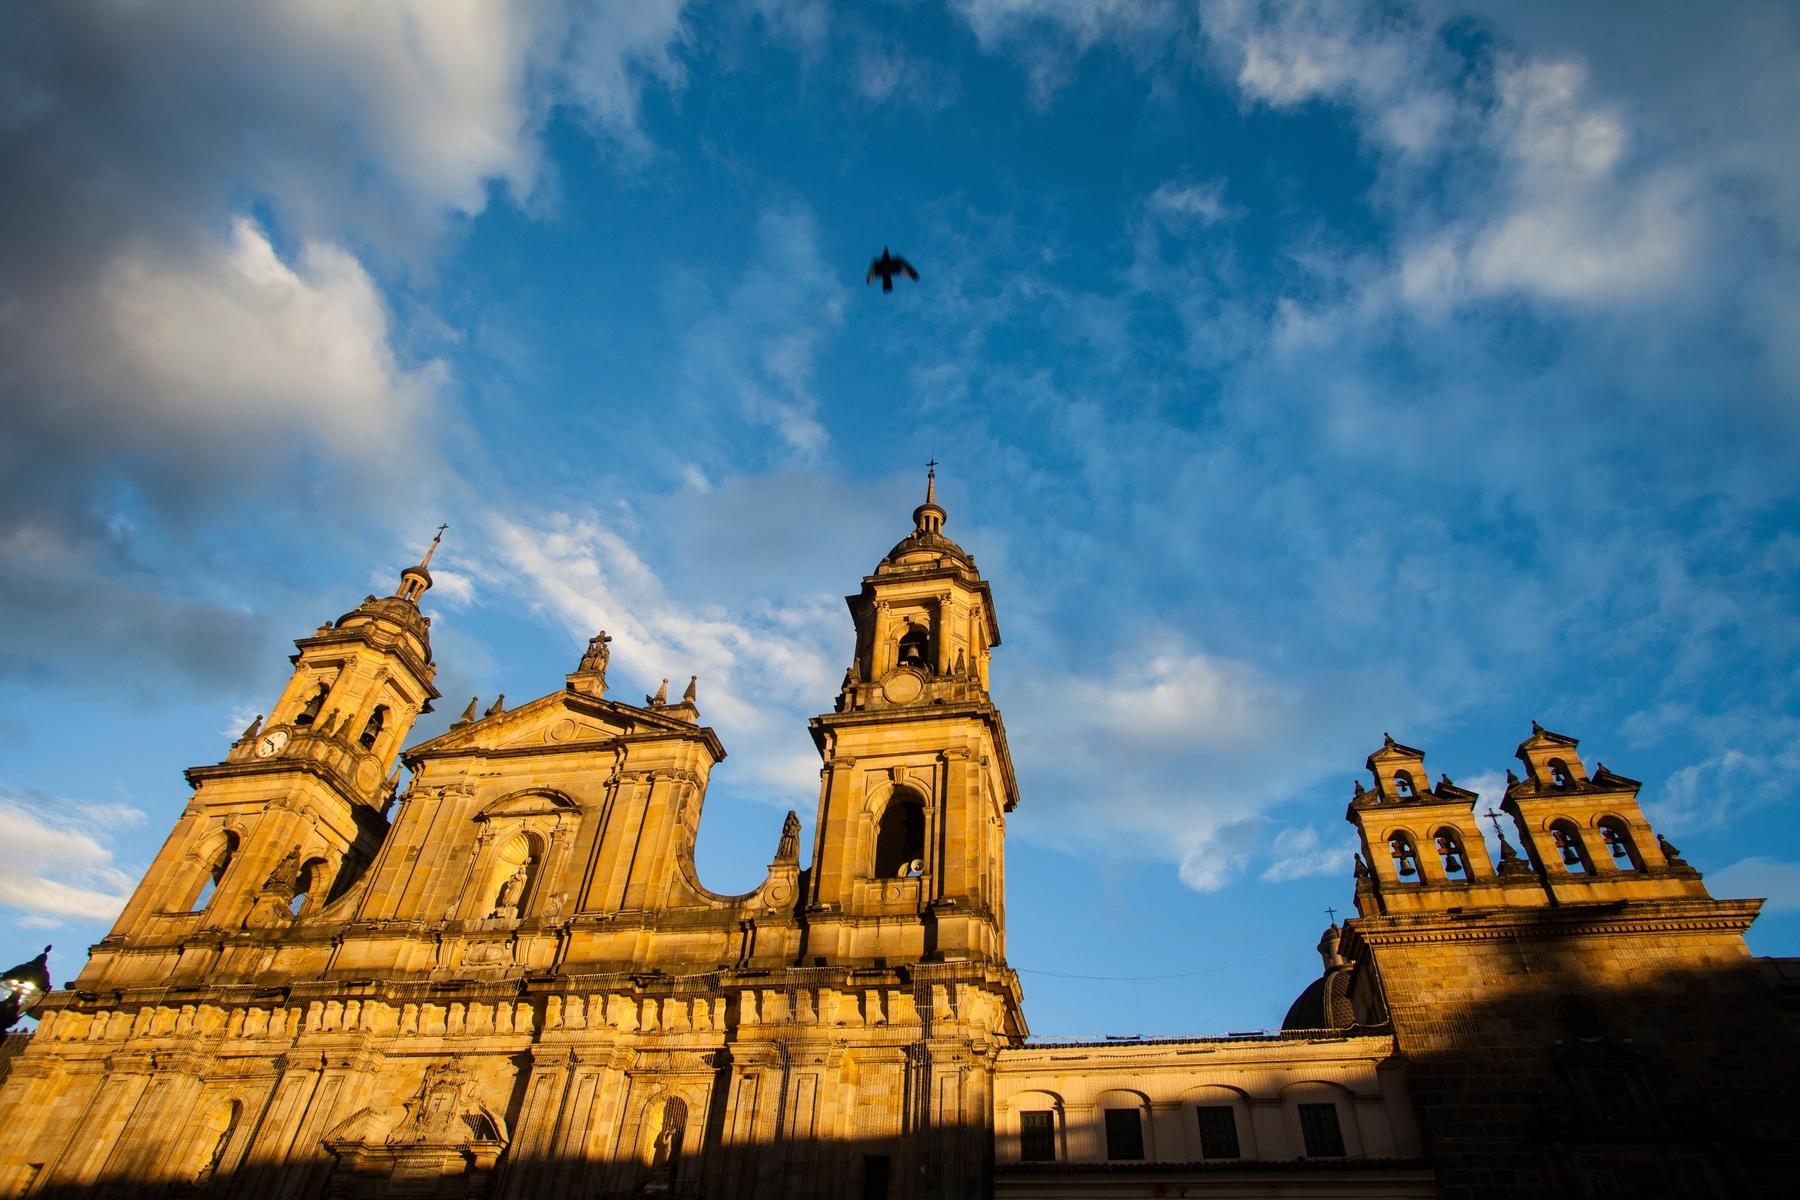 church in Bolivar square in Bogota, Colombia